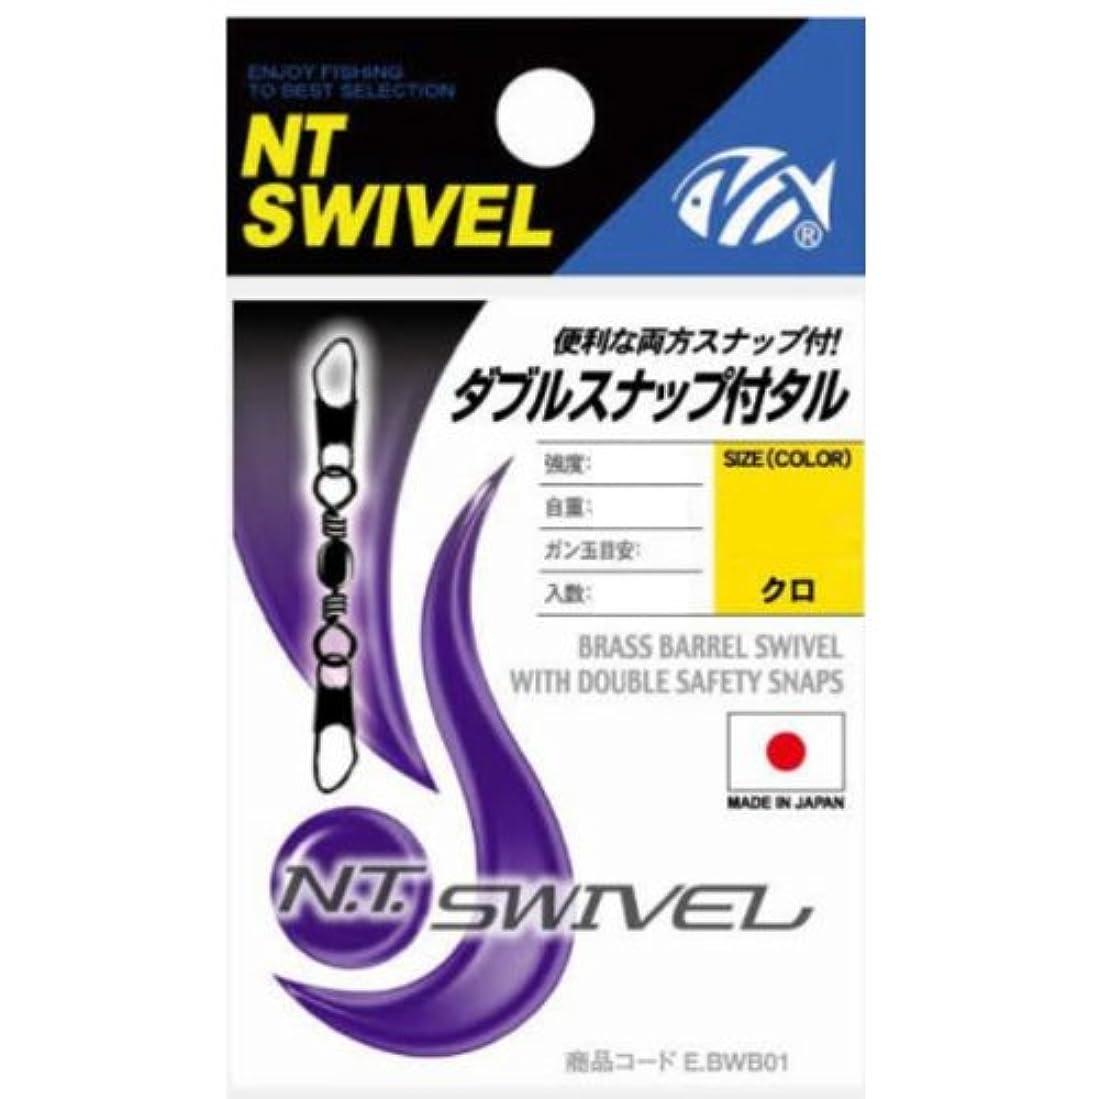 友だち不格好公NTスイベル(N.T.SWIVEL) ダブルスナップ付タル クロ #7